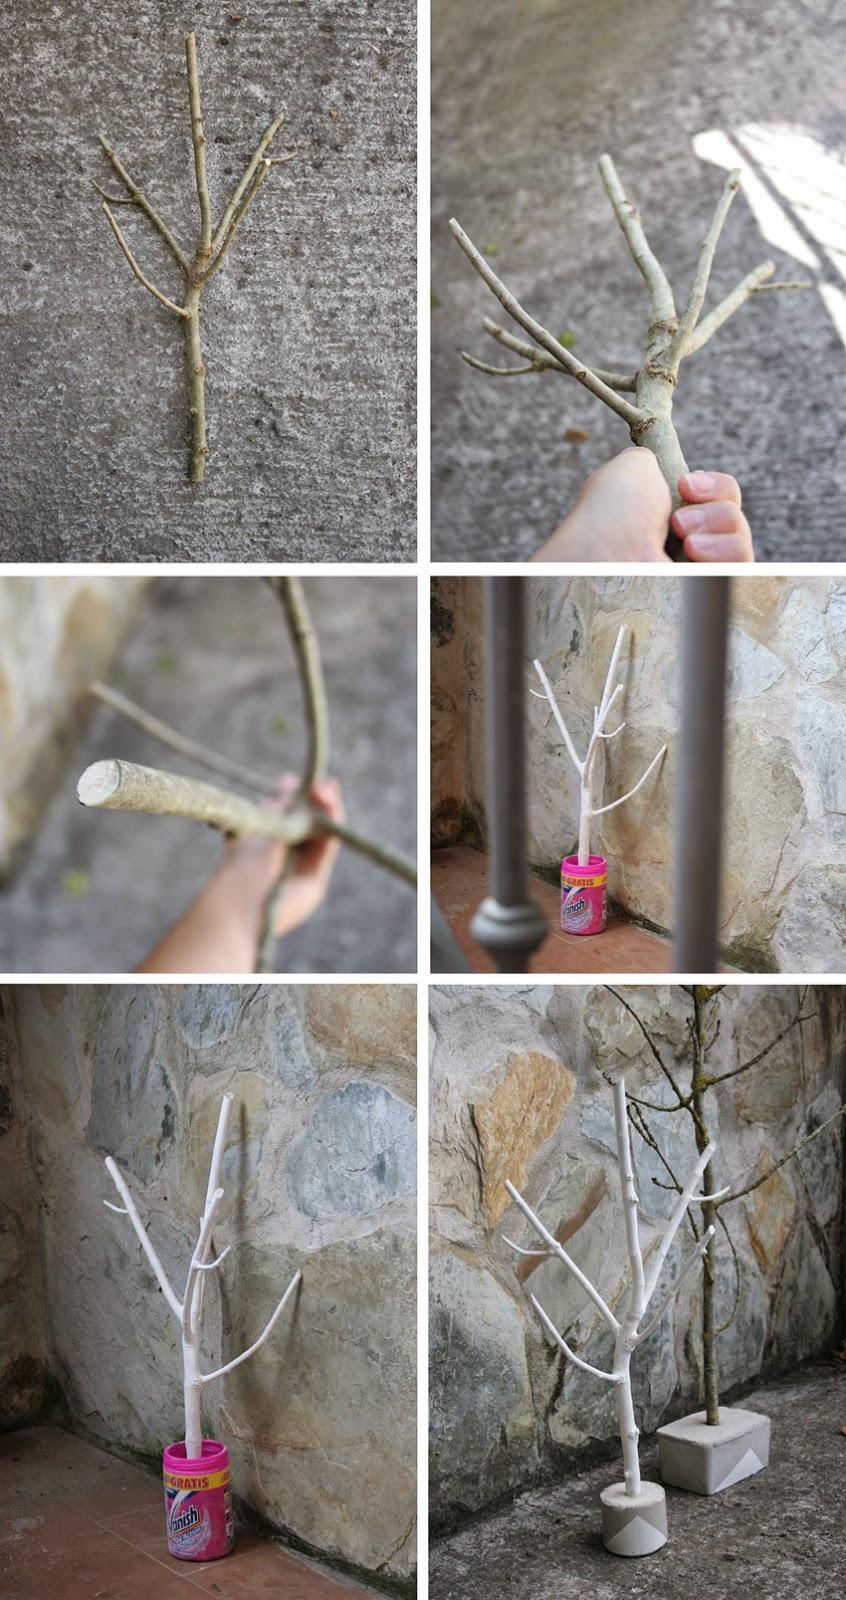 Diy joyero con rama de árbol y cemento2